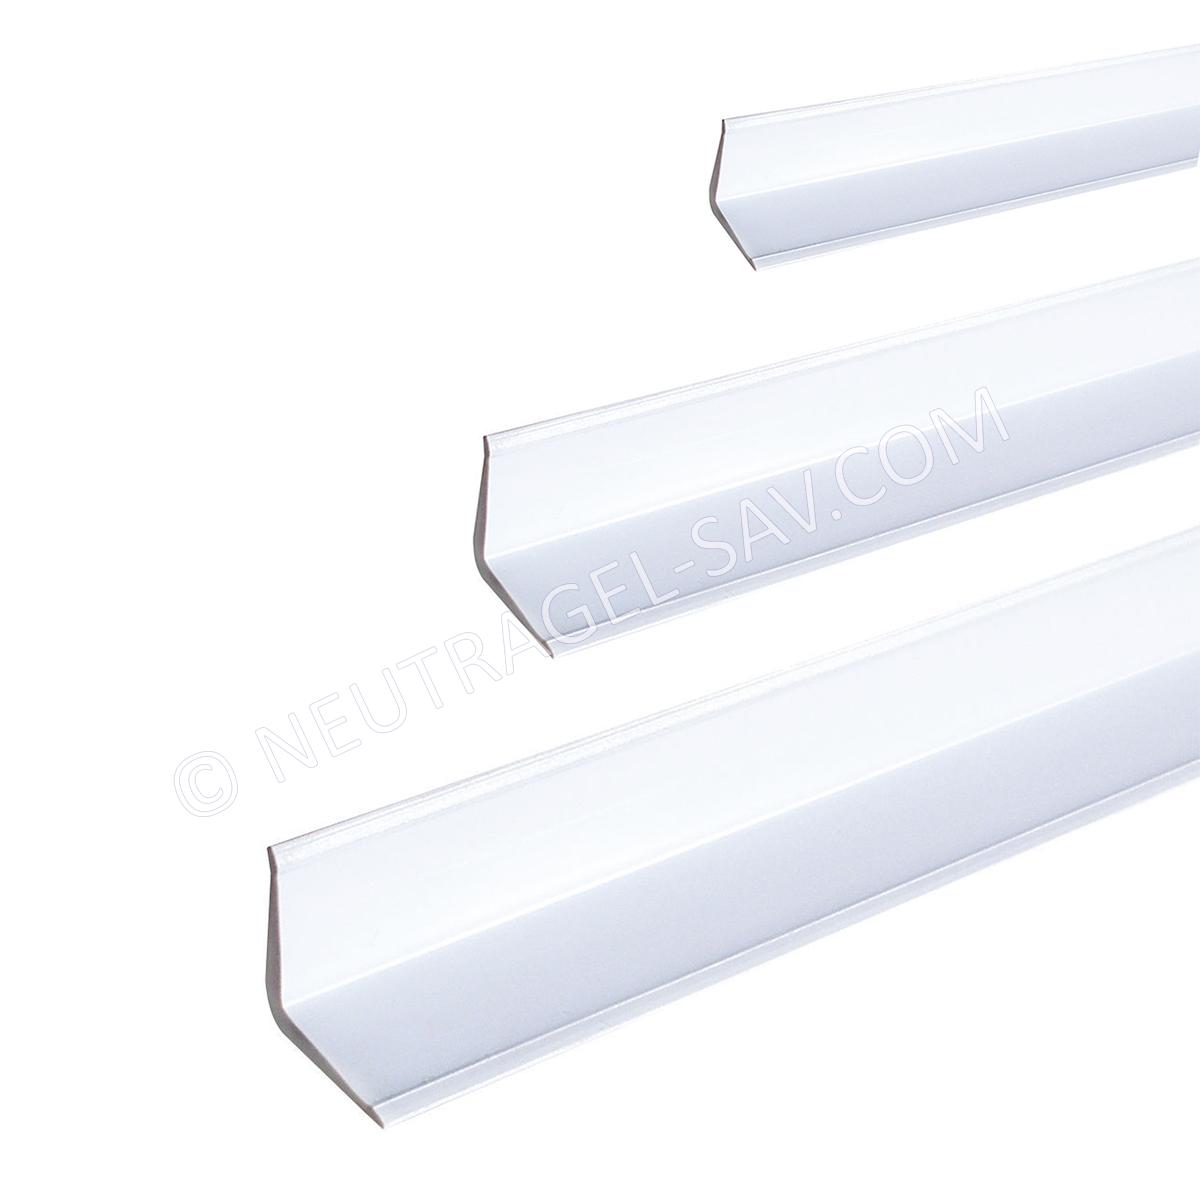 Profile Corniere Dhabillage Et De Protection En Pvc Blanc Cote